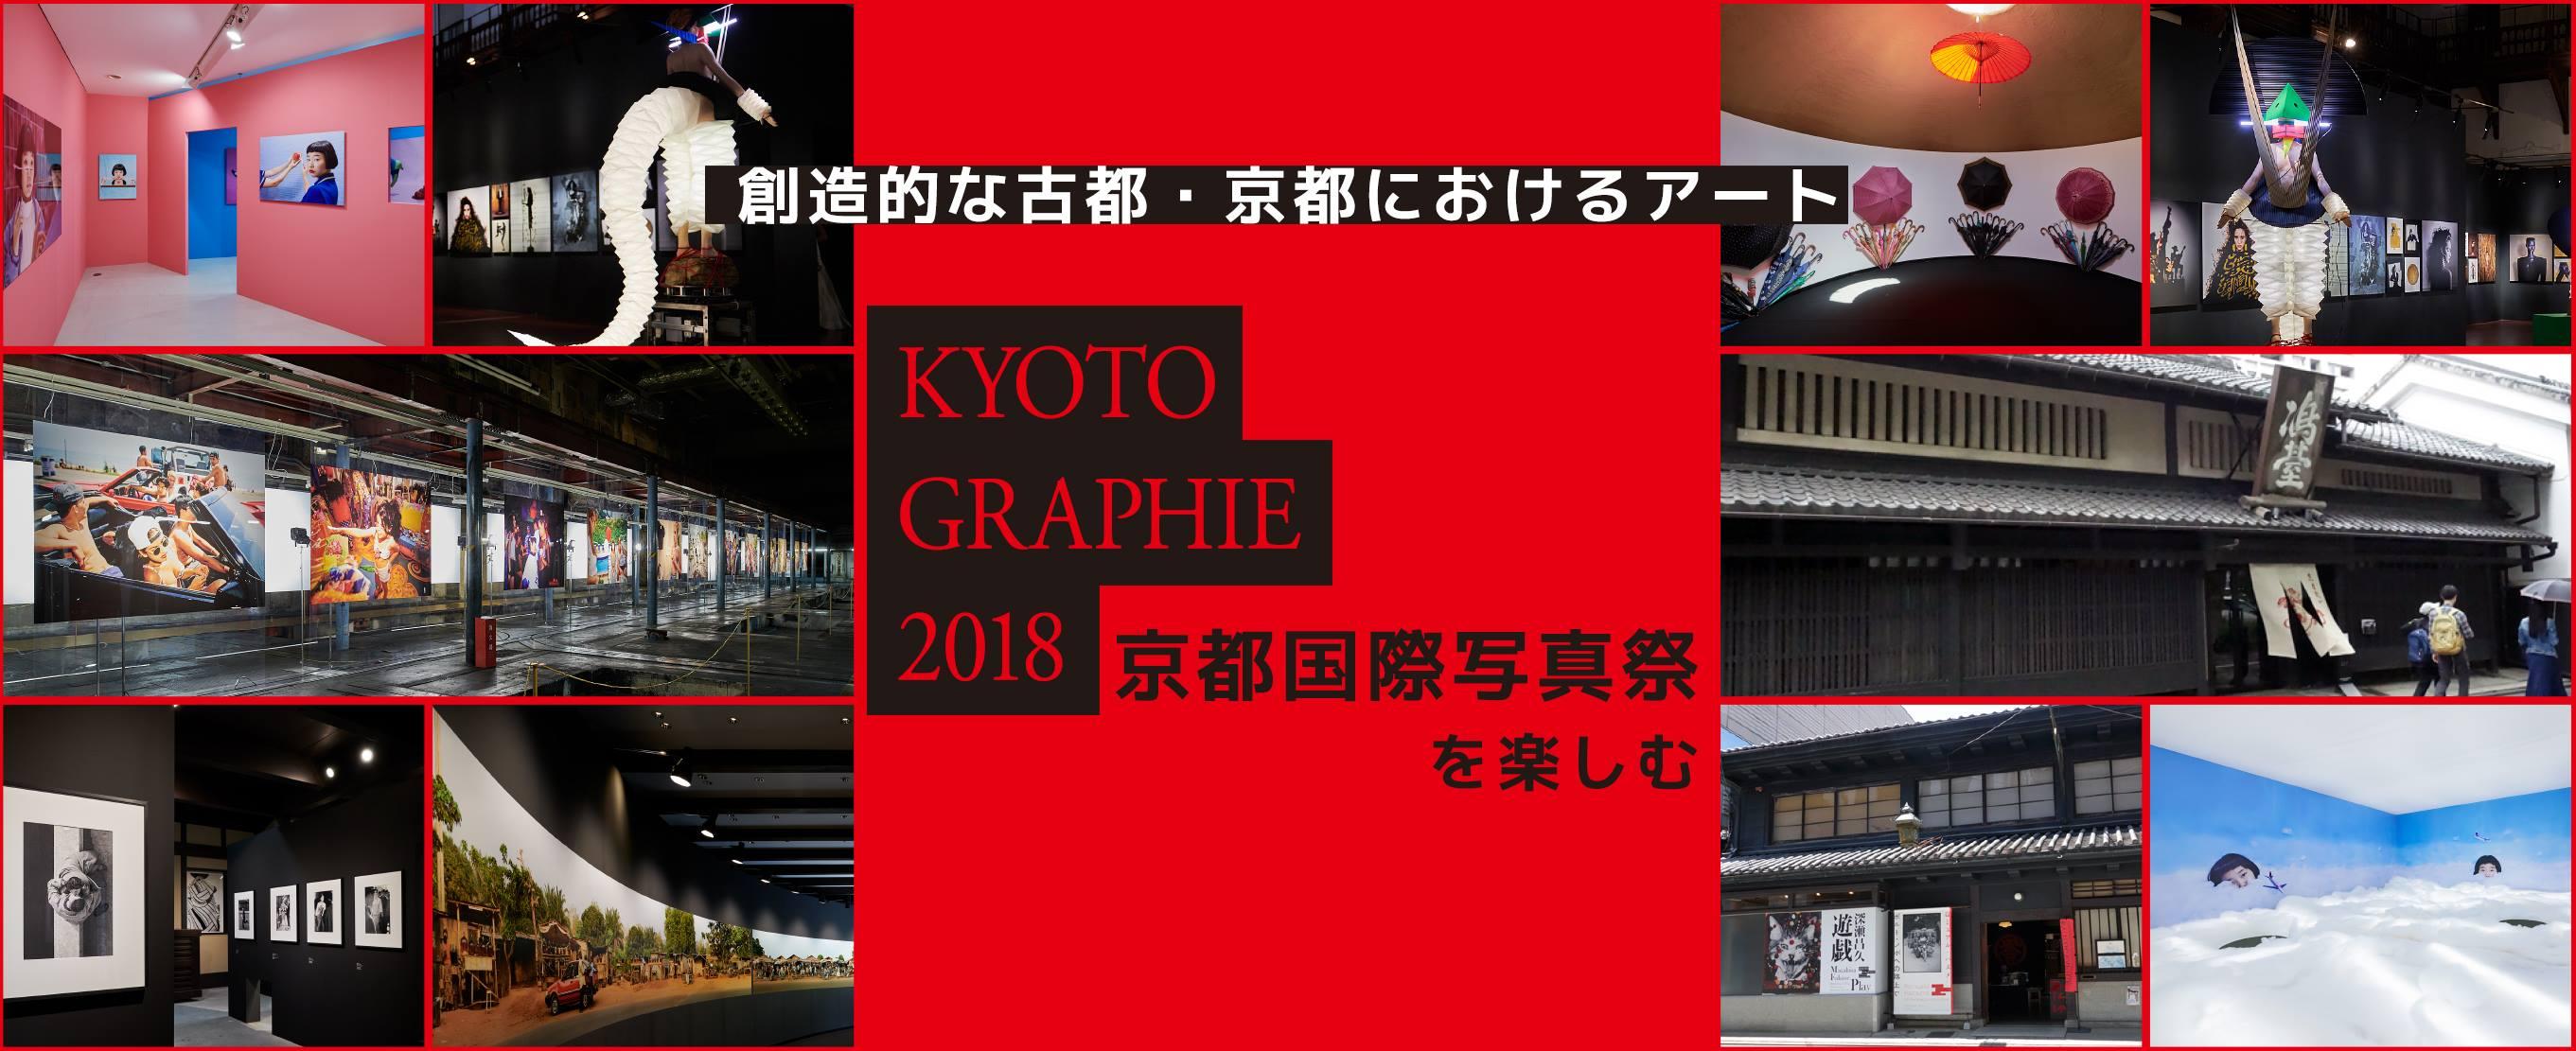 創造的な古都・京都におけるアート 『KYOTOGRAPHIE 京都国際写真祭 2018』を楽しむ